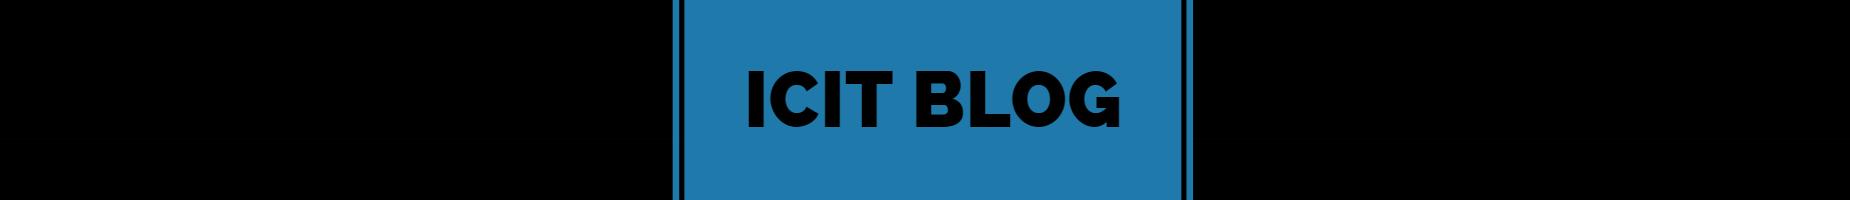 ICIT BLog (1).jpg